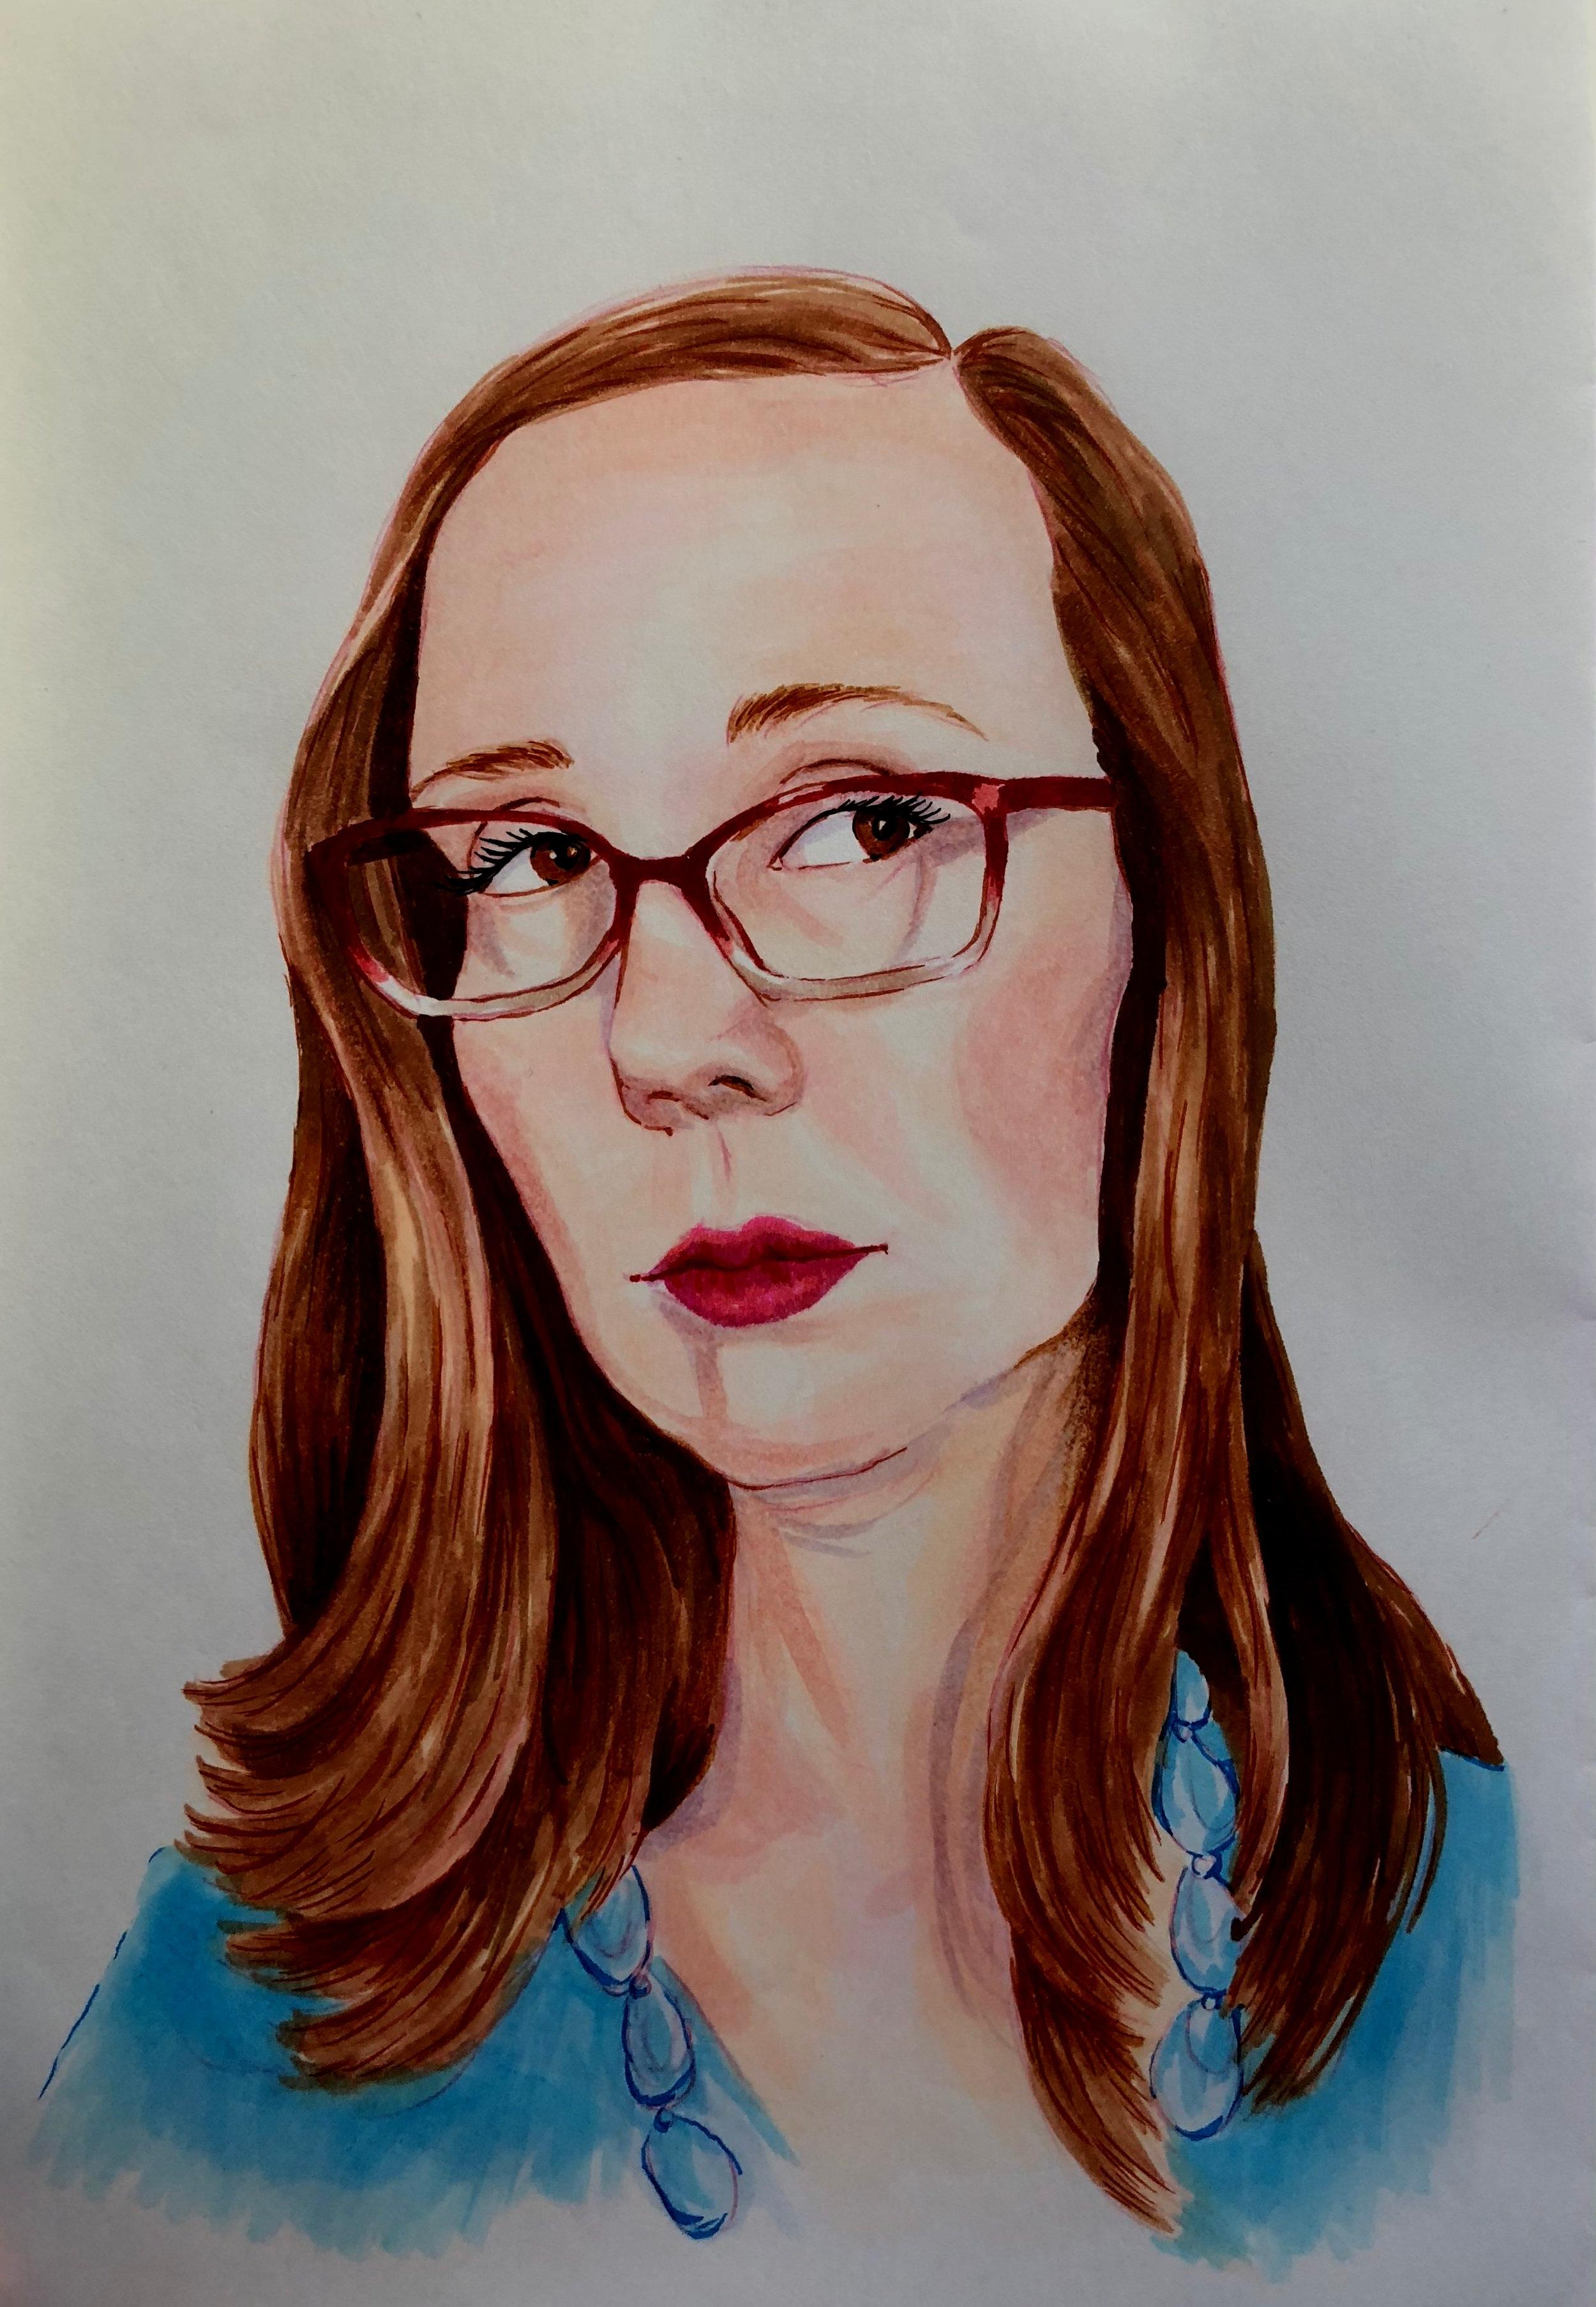 Art by Sarah Johnson -